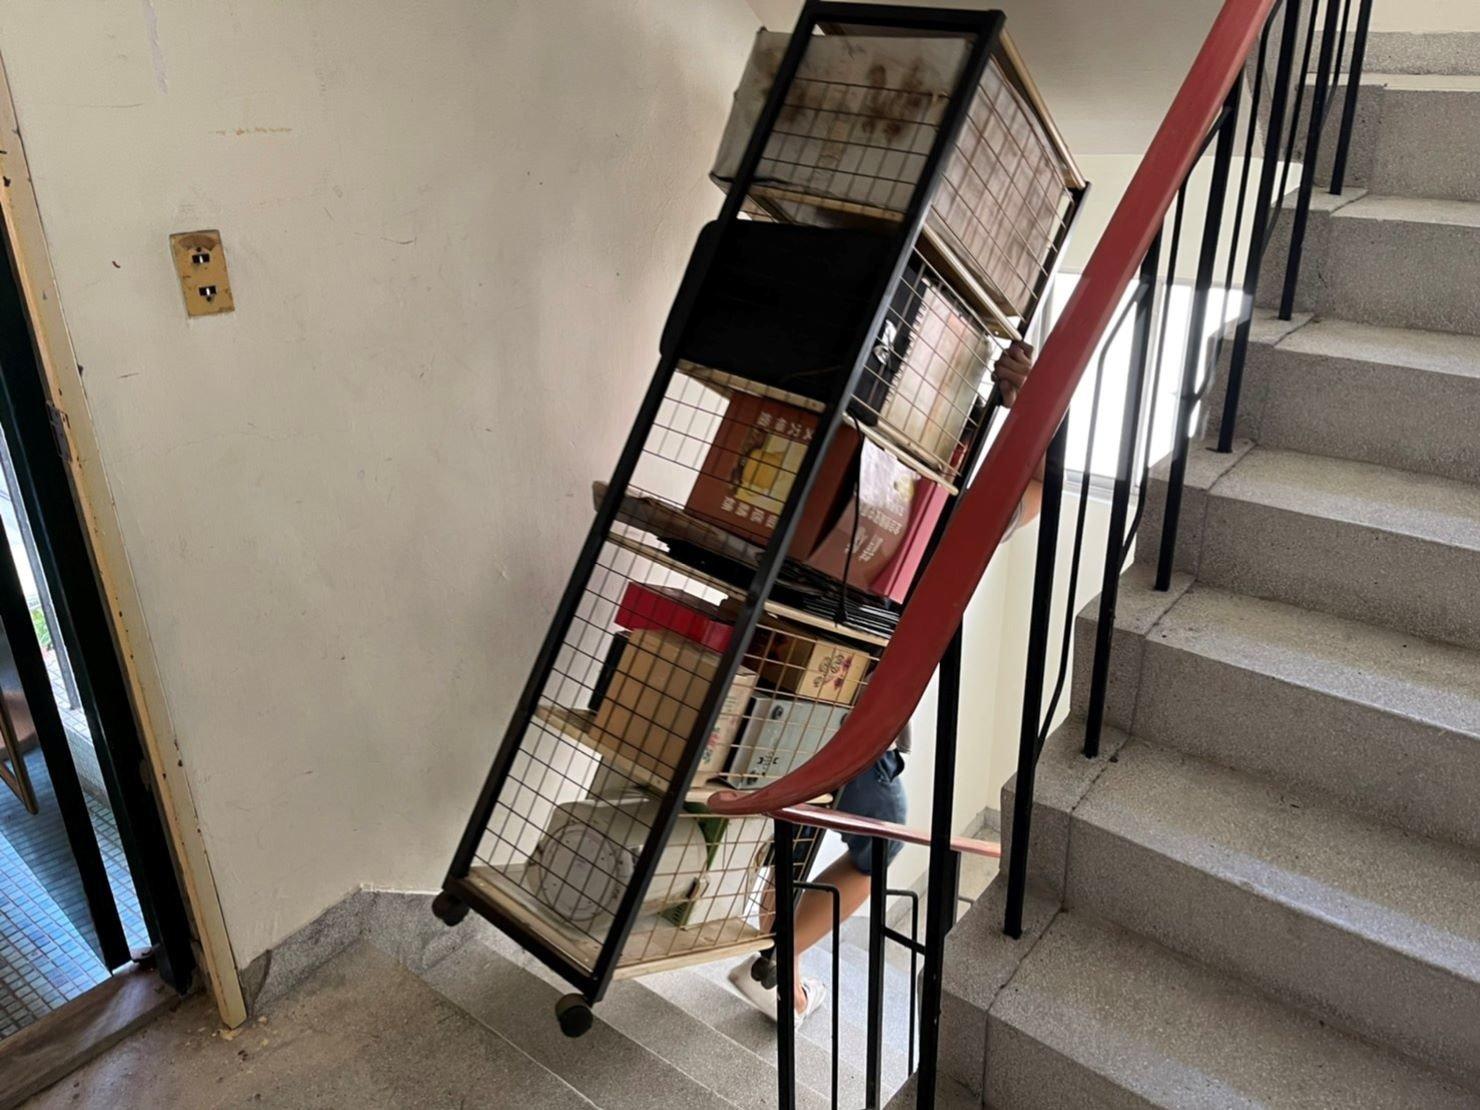 搬家推薦【榮福搬家】搬家口碑第一、台北搬家、新北搬家:【廢棄物處理清運、家庭家具垃圾處理】榮福搬家師傅將顧客不要的鐵架及上面不要的物件,從舊址4樓樓梯背於身上搬運至1樓搬家貨車上,要載去廢棄處理。